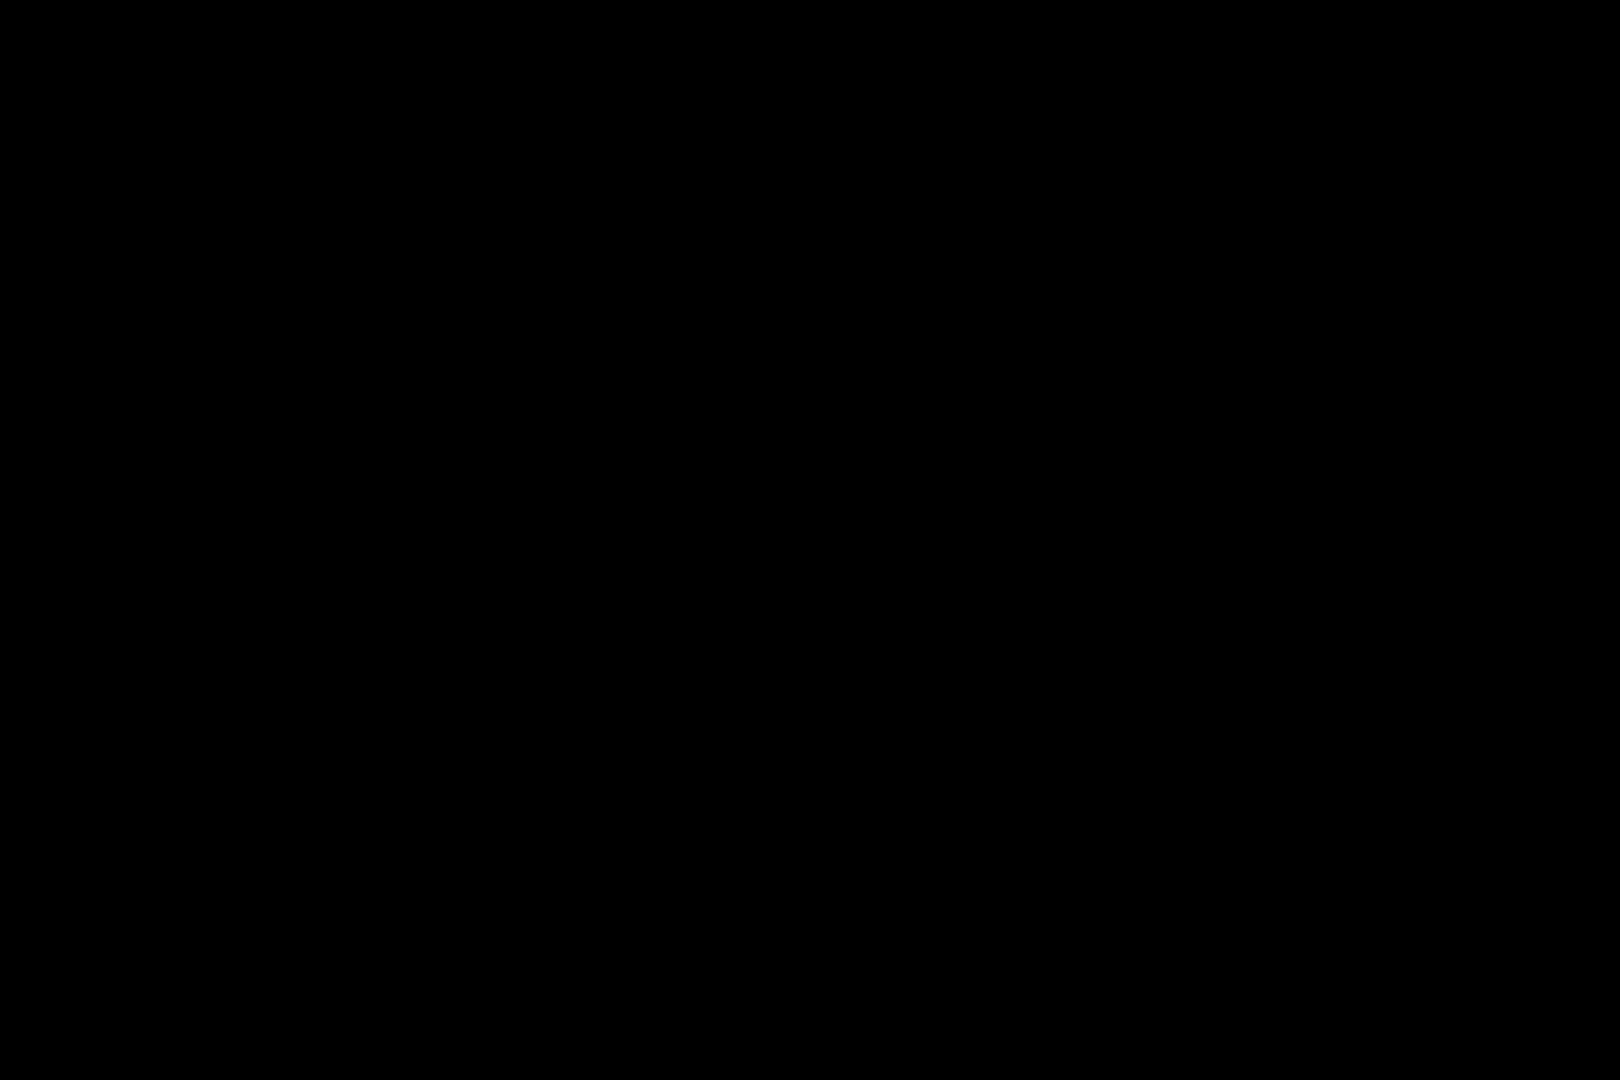 三ツ星シリーズ 魅惑のMemorial Night!! vol.03 ちんこ ゲイヌード画像 87枚 59